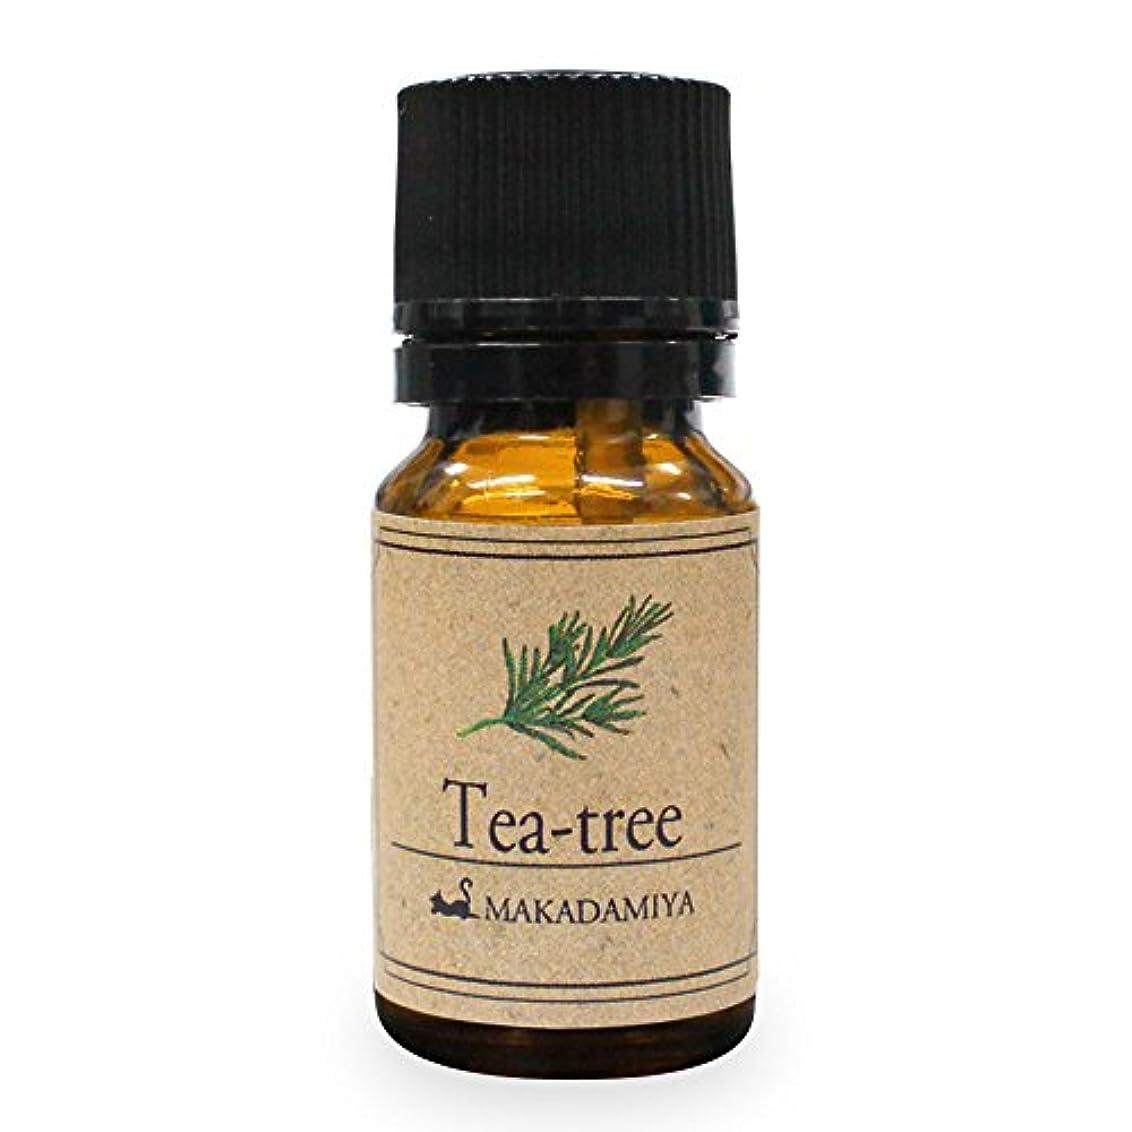 捨てるライム最も早いティーツリー10ml 天然100%植物性 エッセンシャルオイル(精油) アロマオイル アロママッサージ aroma Tea-tree